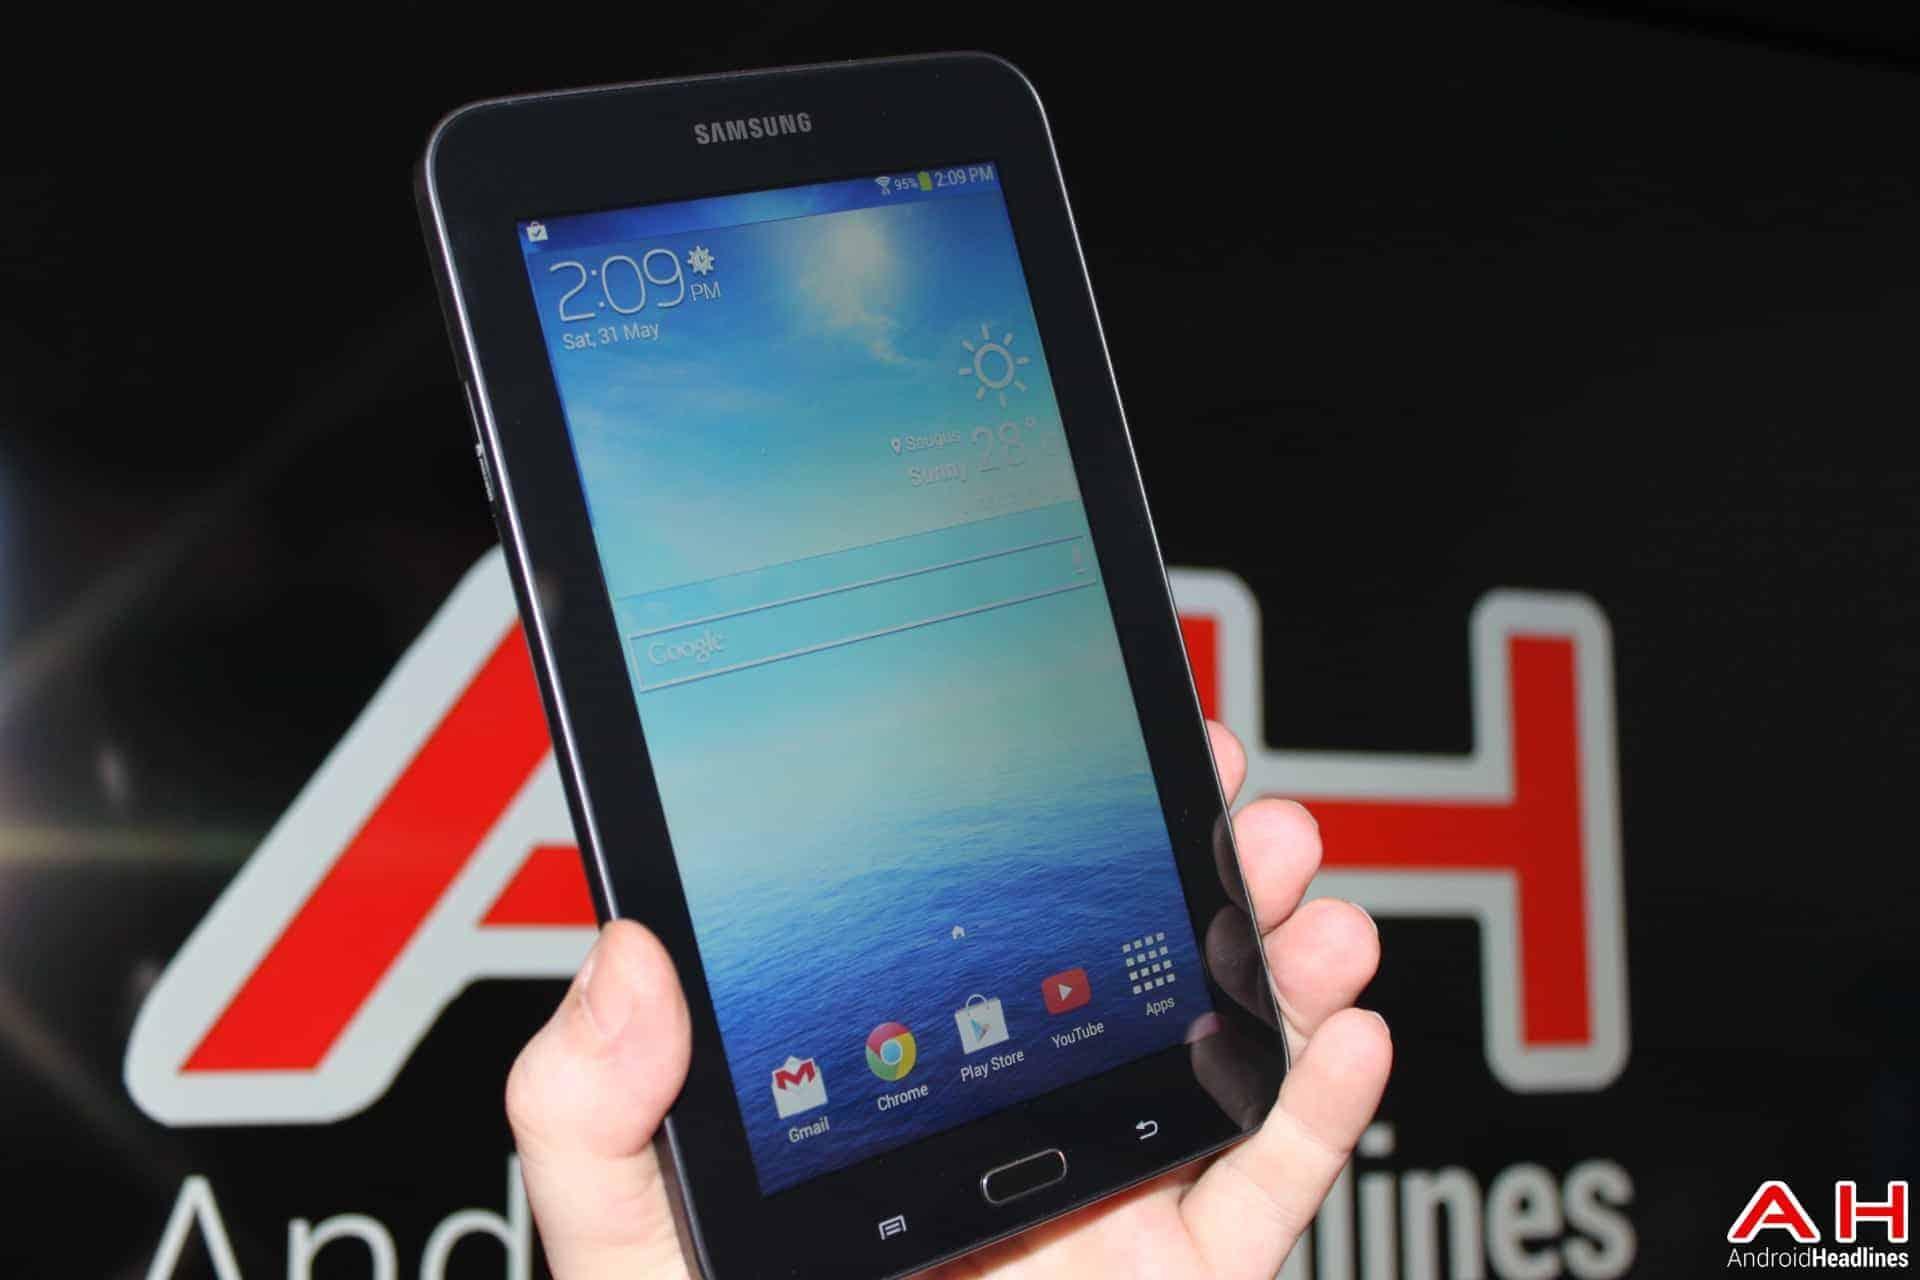 AH Samsung 4.9 Tablet Galaxy Tab 3 May 31 2014